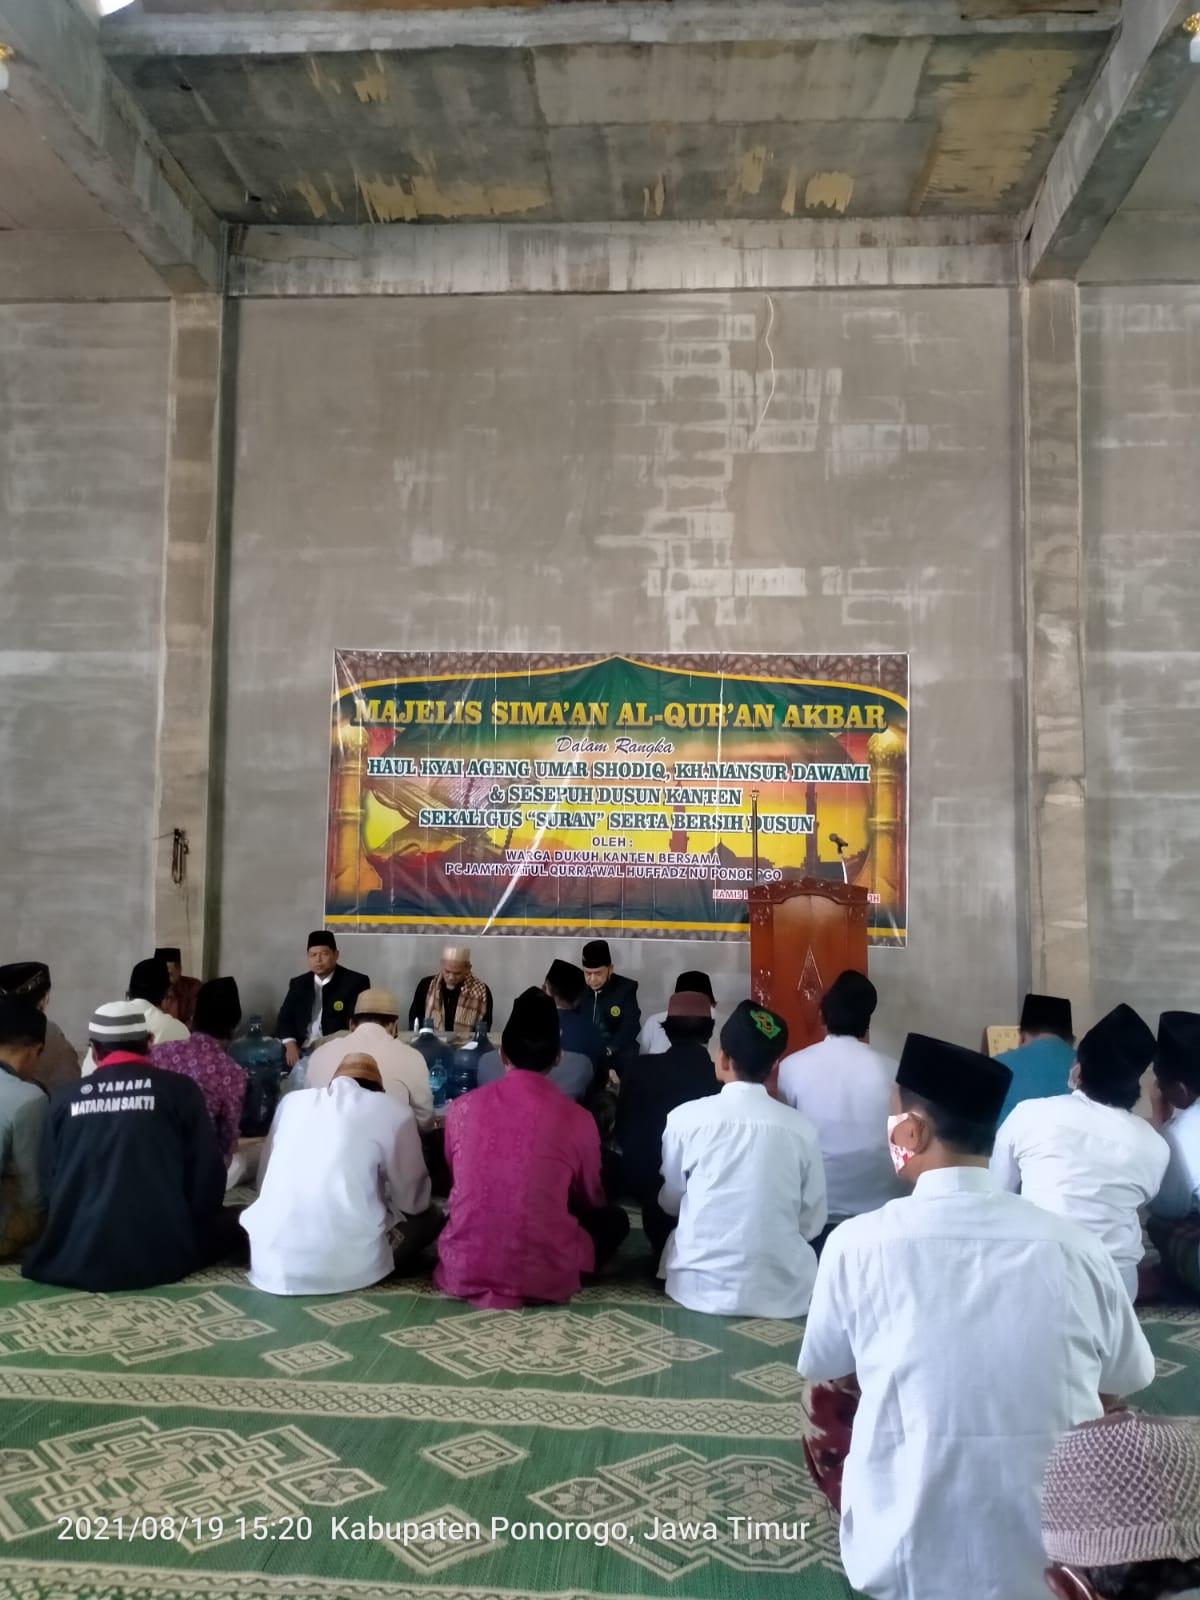 Jama'ah masjid Miftahul Hasanah Kanten (Babadan) mengikuti sima'an Al-Qur'an akbar